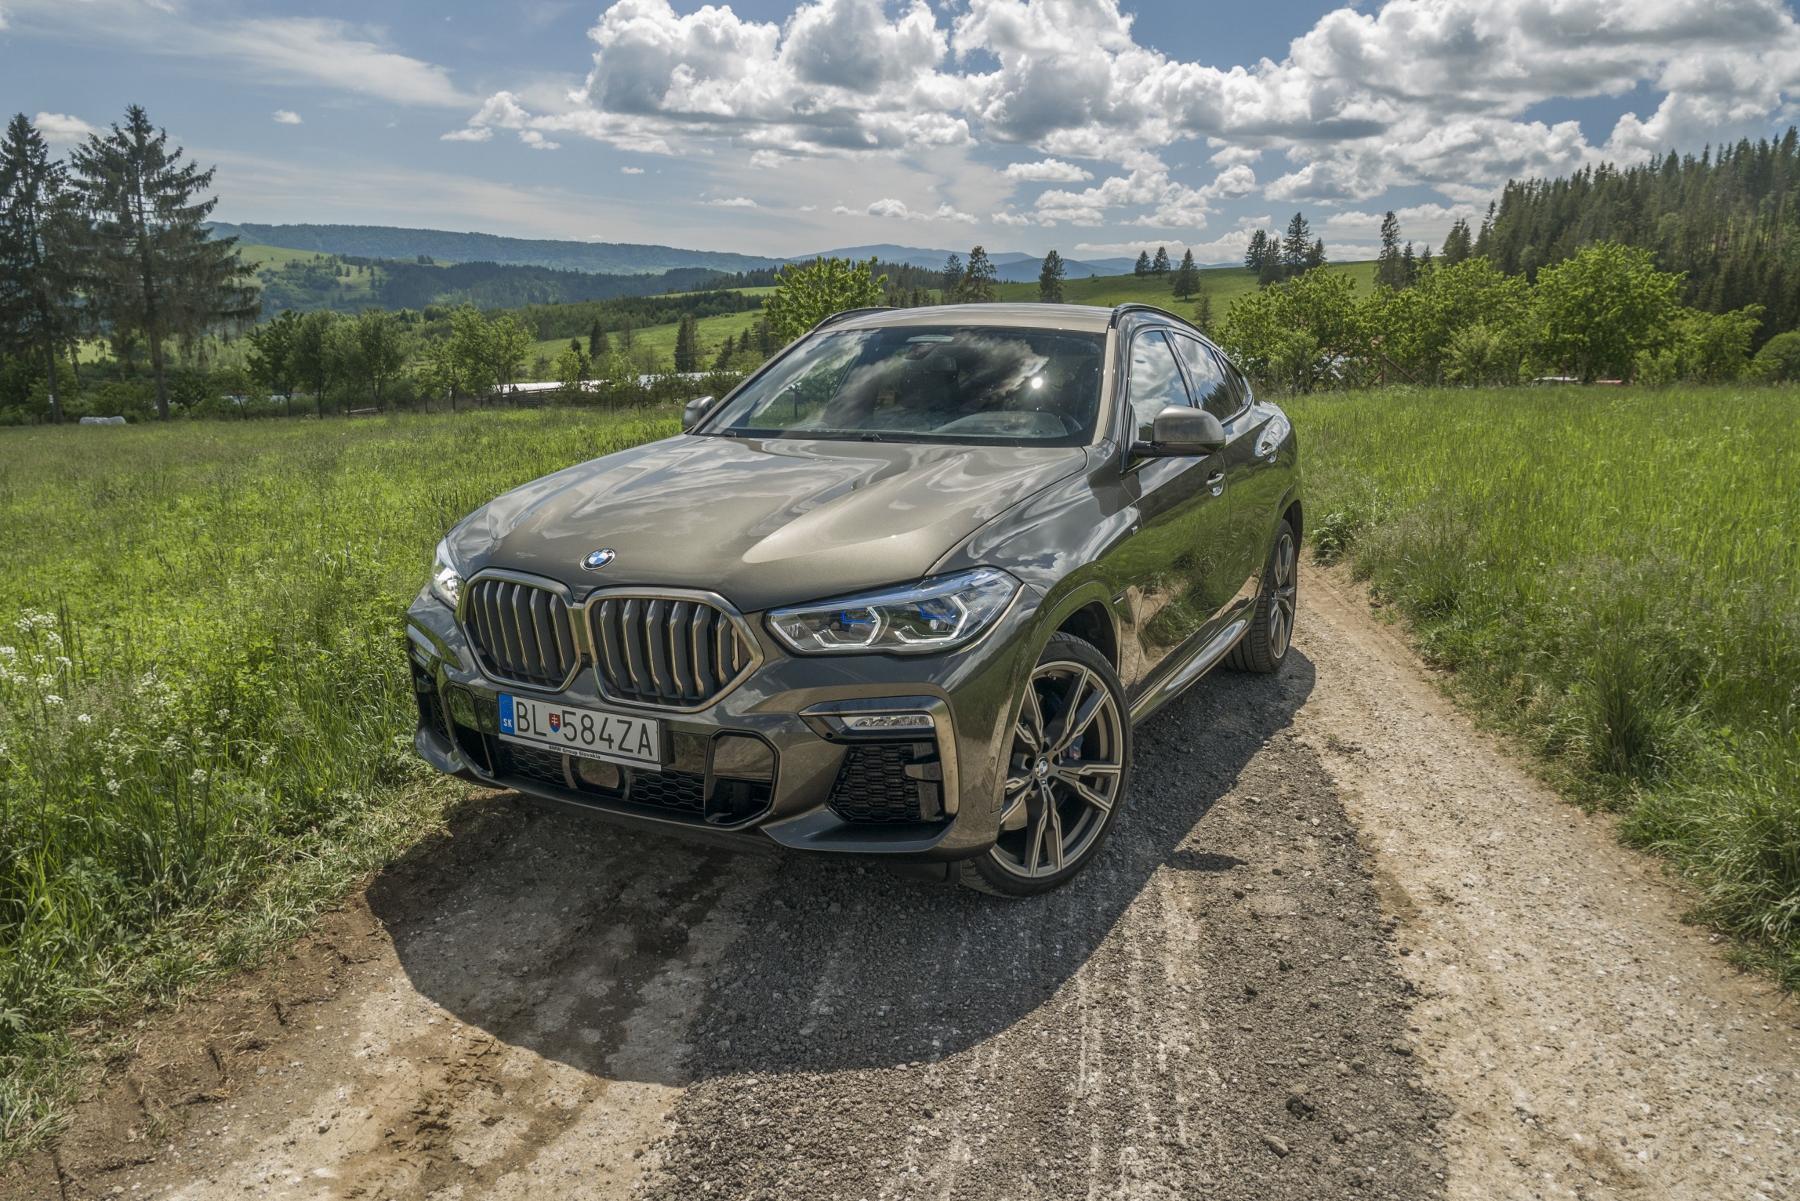 Test: BMW X6 M50i napína benzínové svaly, ale neukazuje plnú silu lBfa5sQklH bmw-x6-m50i-19